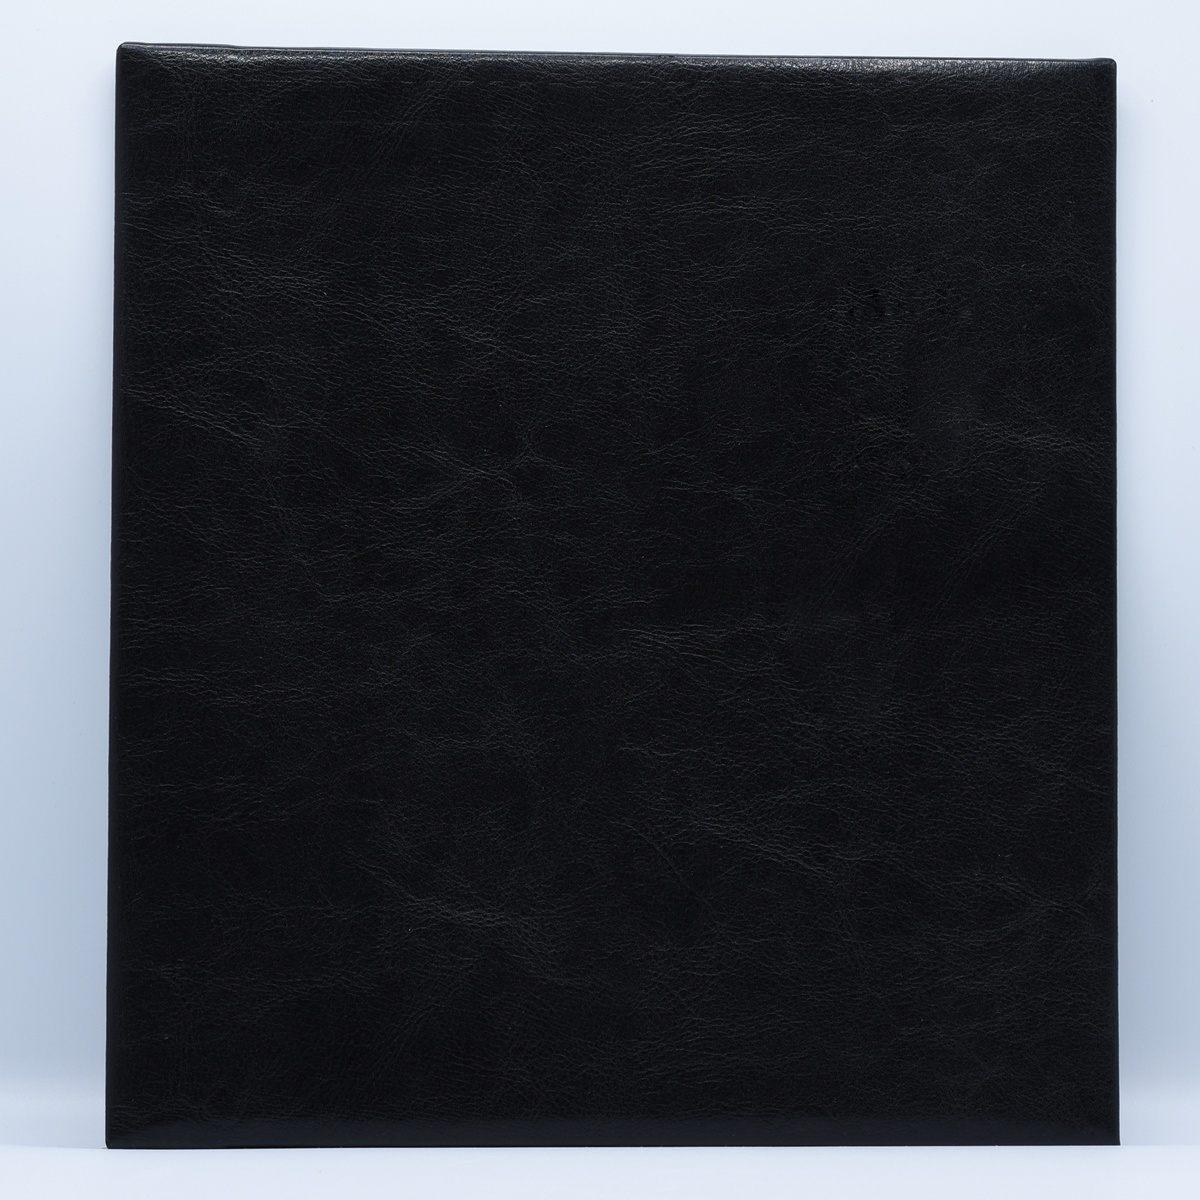 Coperta neagra